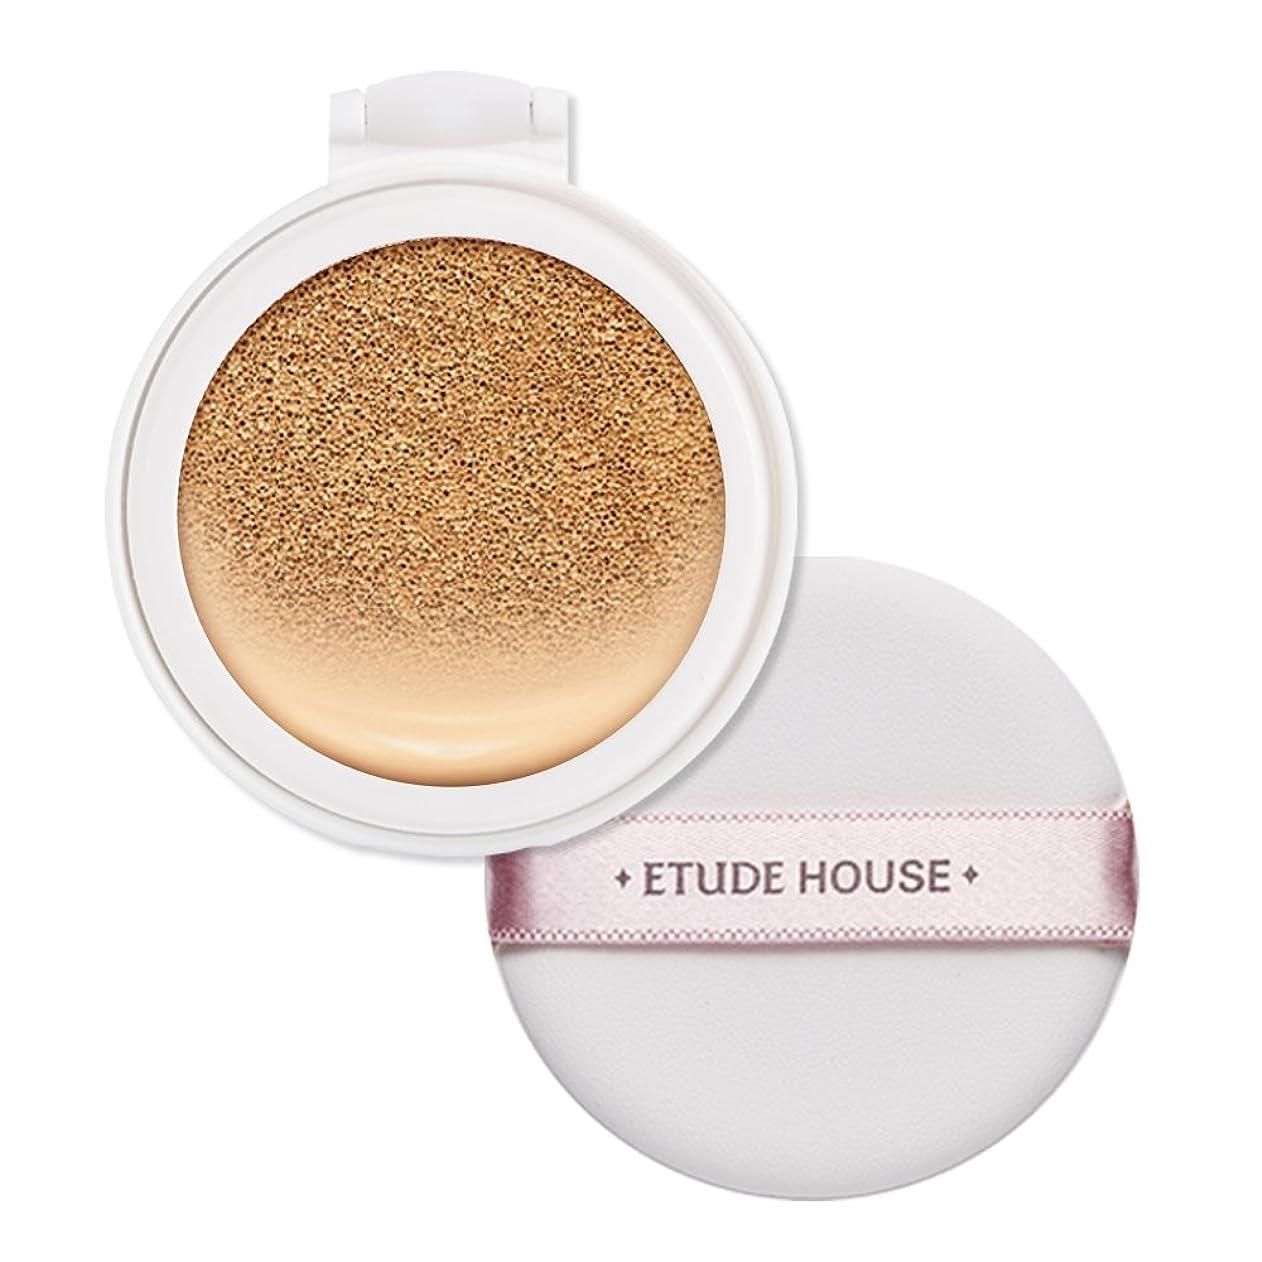 密接に起きて蒸留するエチュードハウス(ETUDE HOUSE) エニークッション オールデイパーフェクト レフィル ベージュ